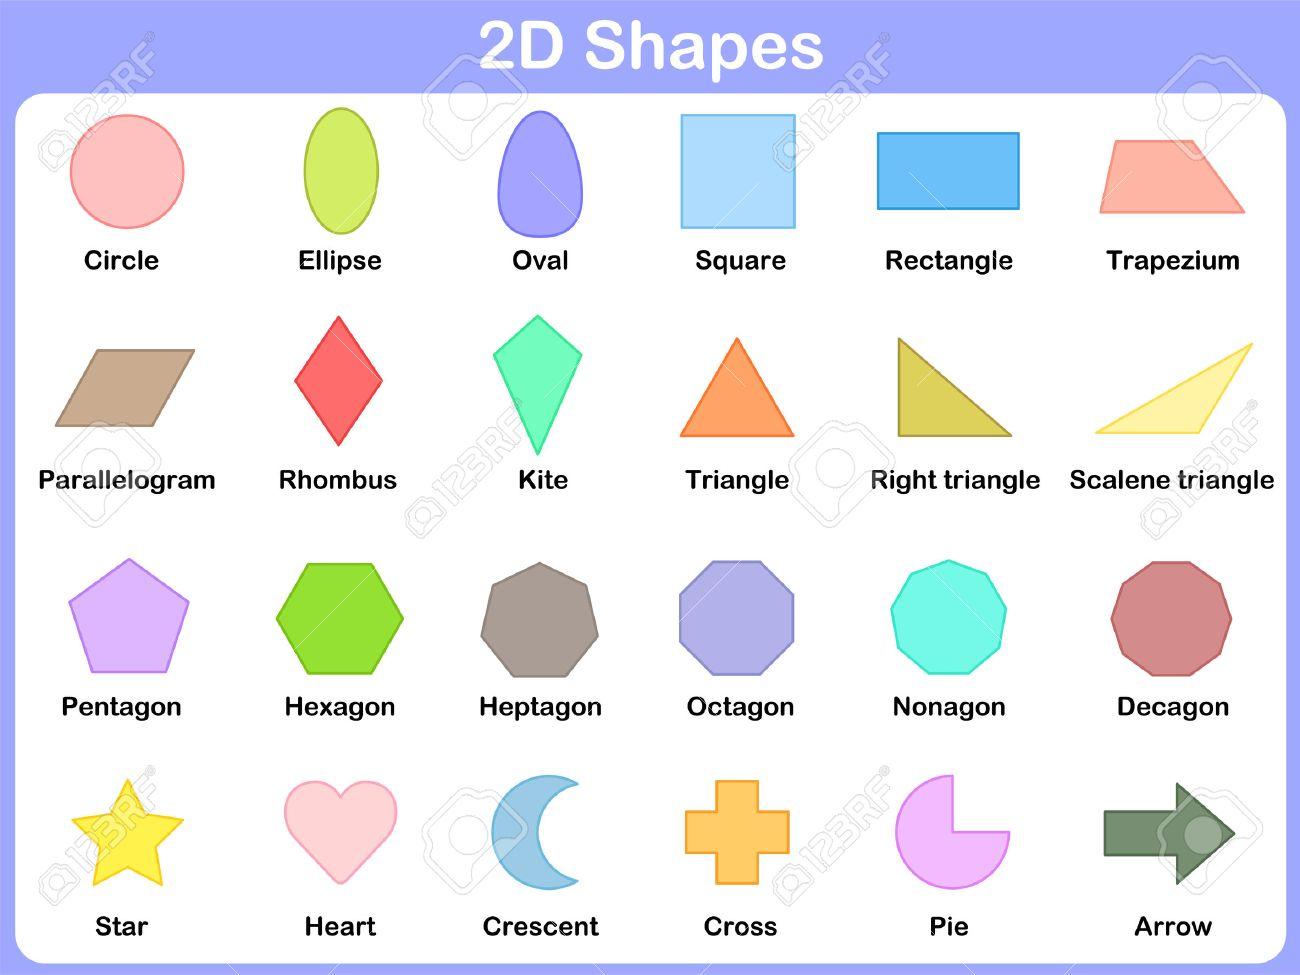 Hình minh họa về hình dạng